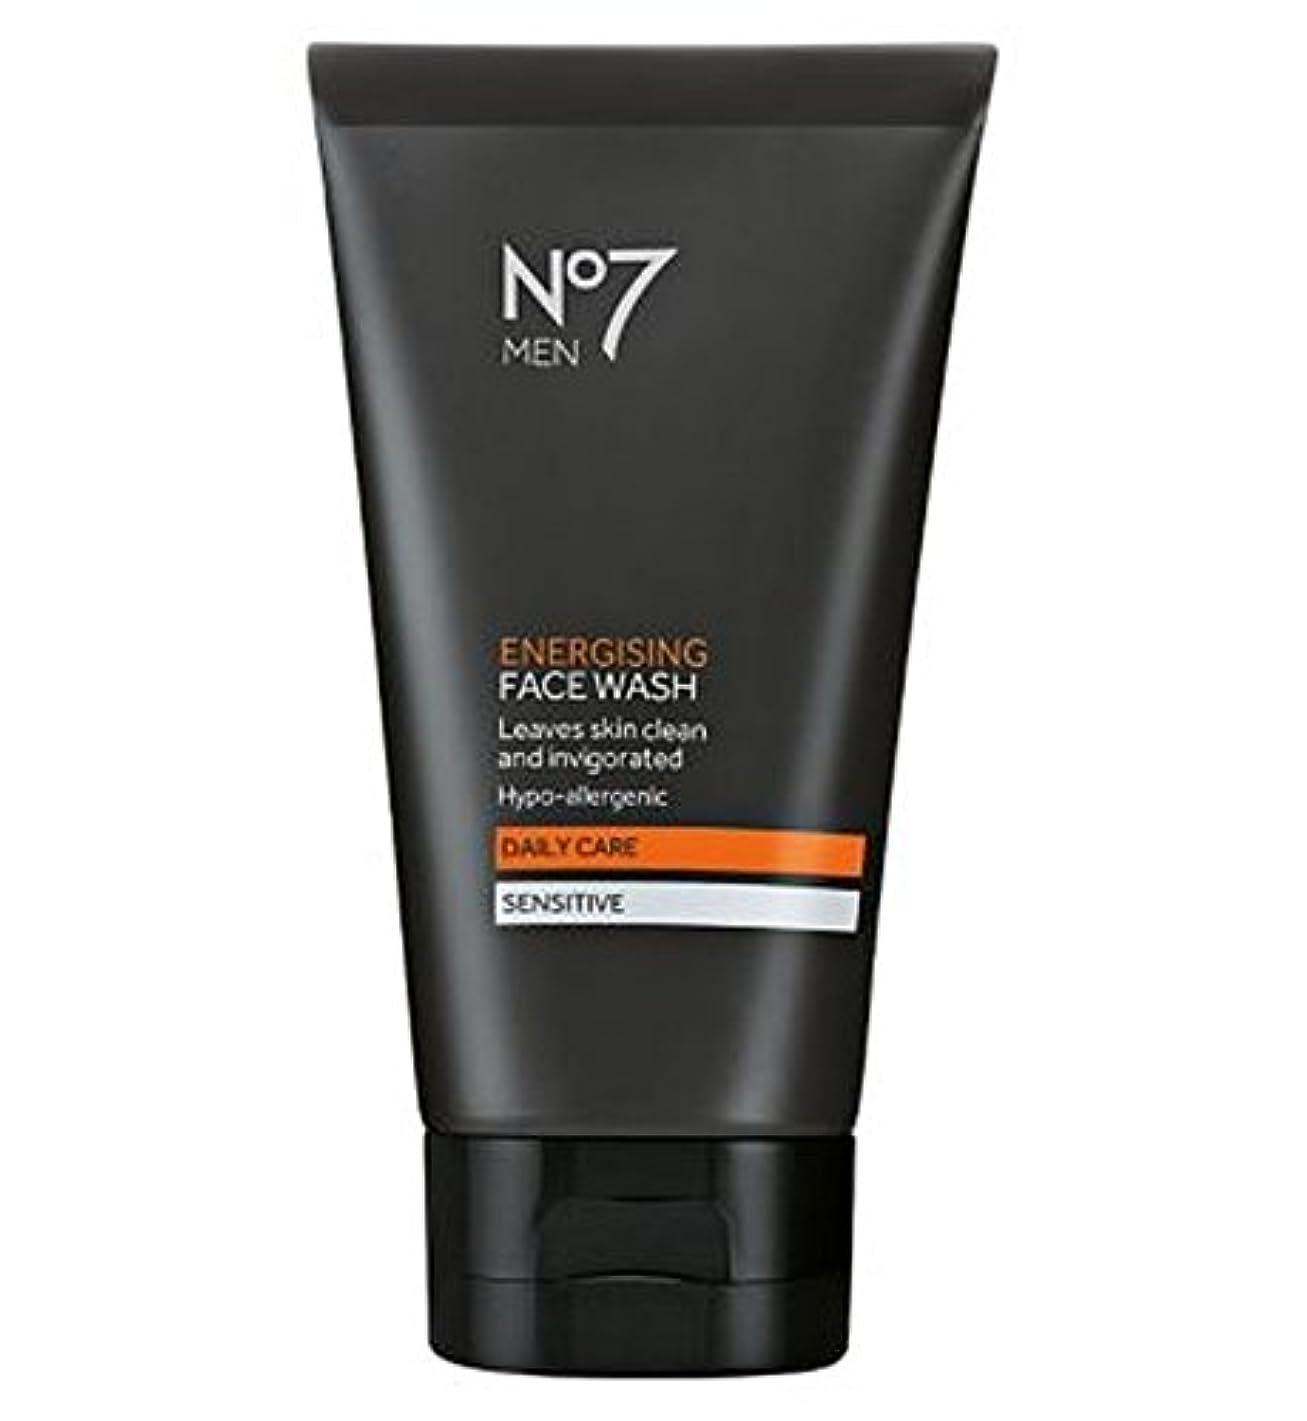 ダニ勧める裁定No7 Men Energising Face Wash 150ml - 洗顔料の150ミリリットルを通電No7の男性 (No7) [並行輸入品]